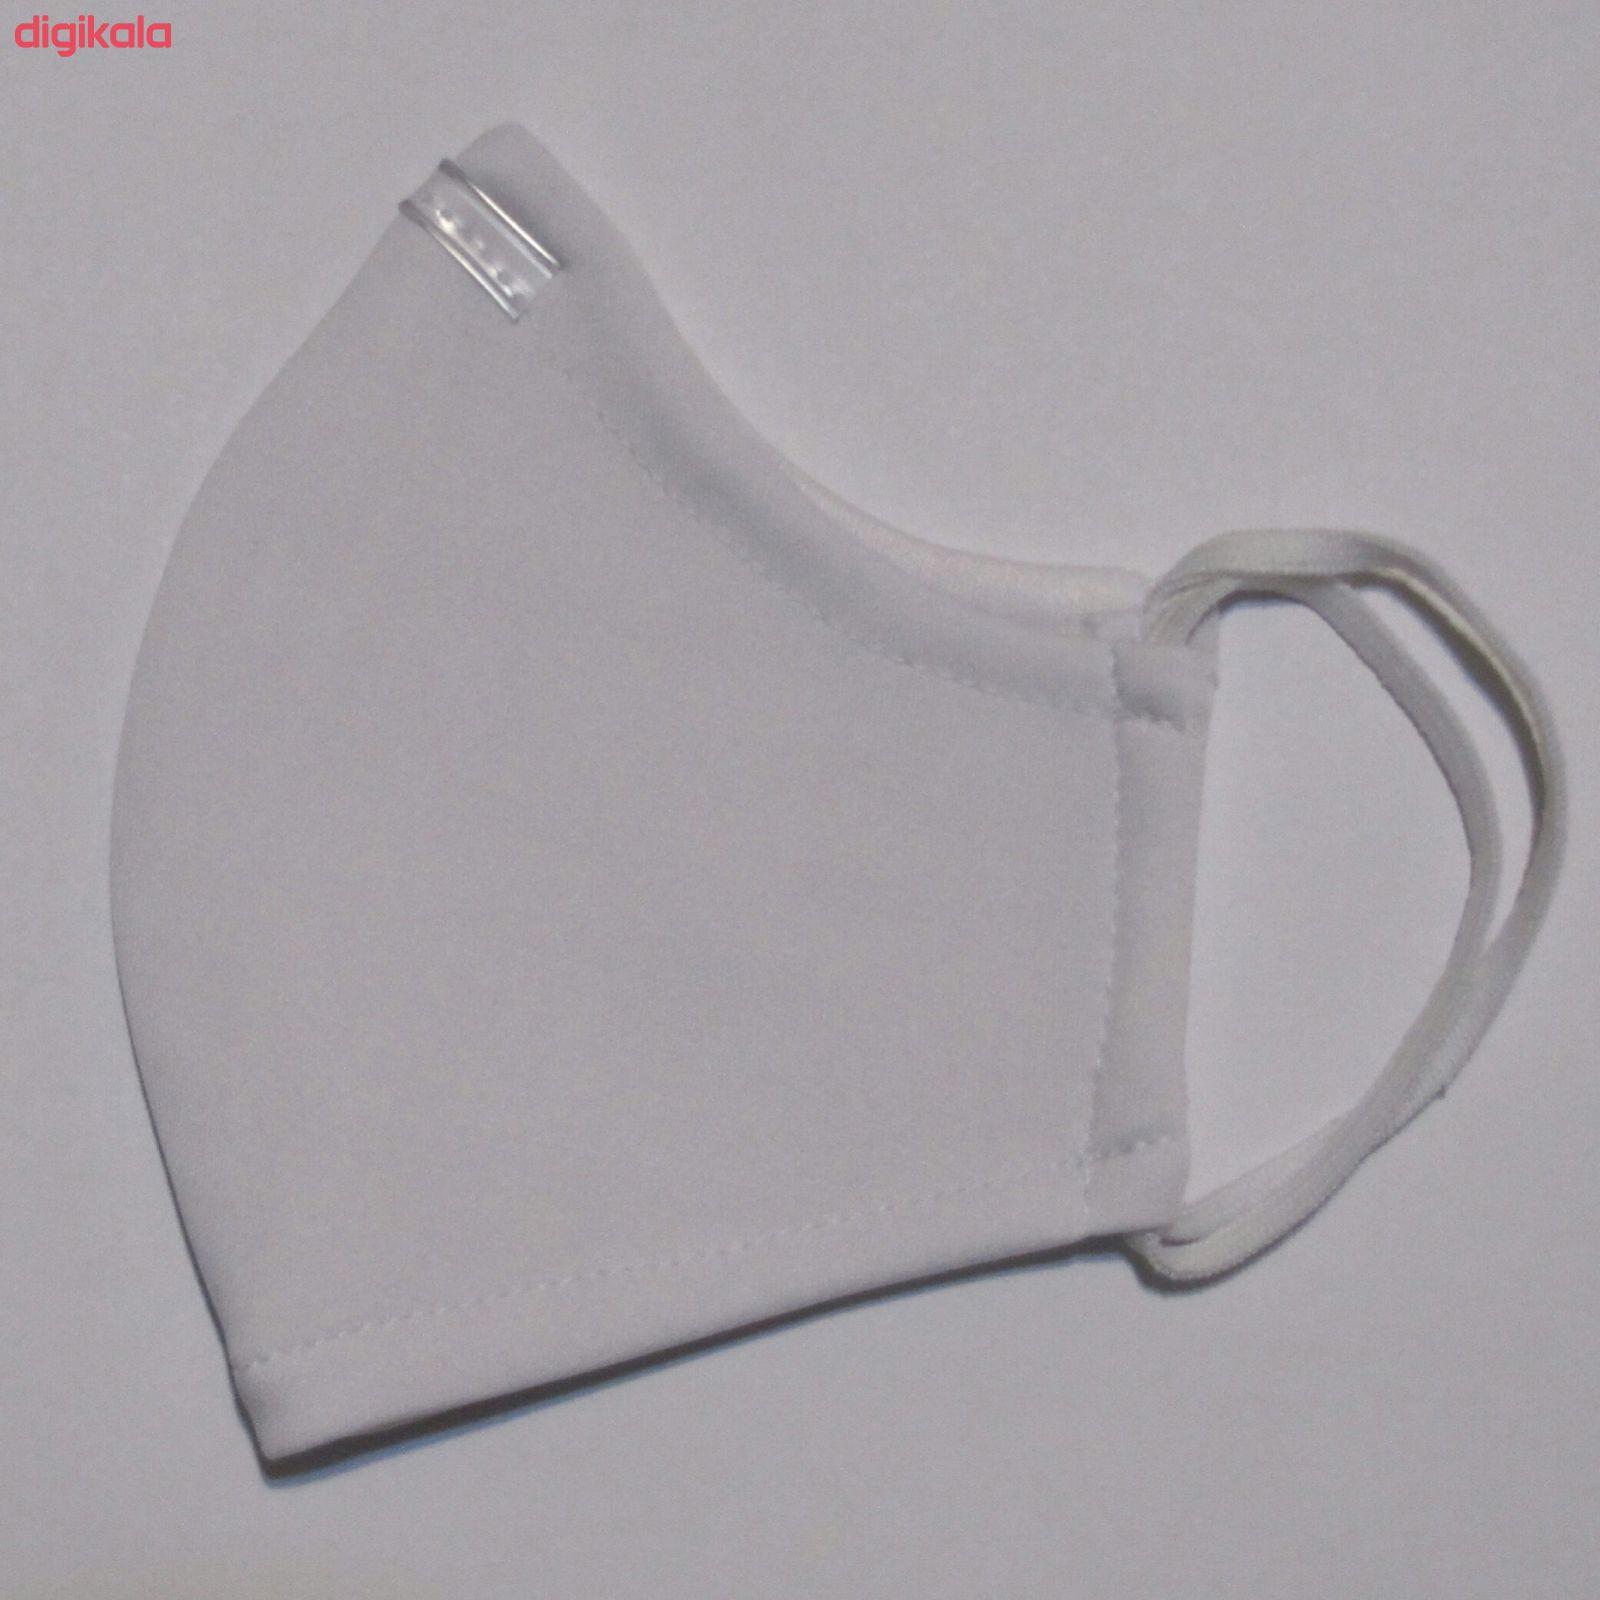 ماسک پارچه ای مدل mgh1 main 1 9